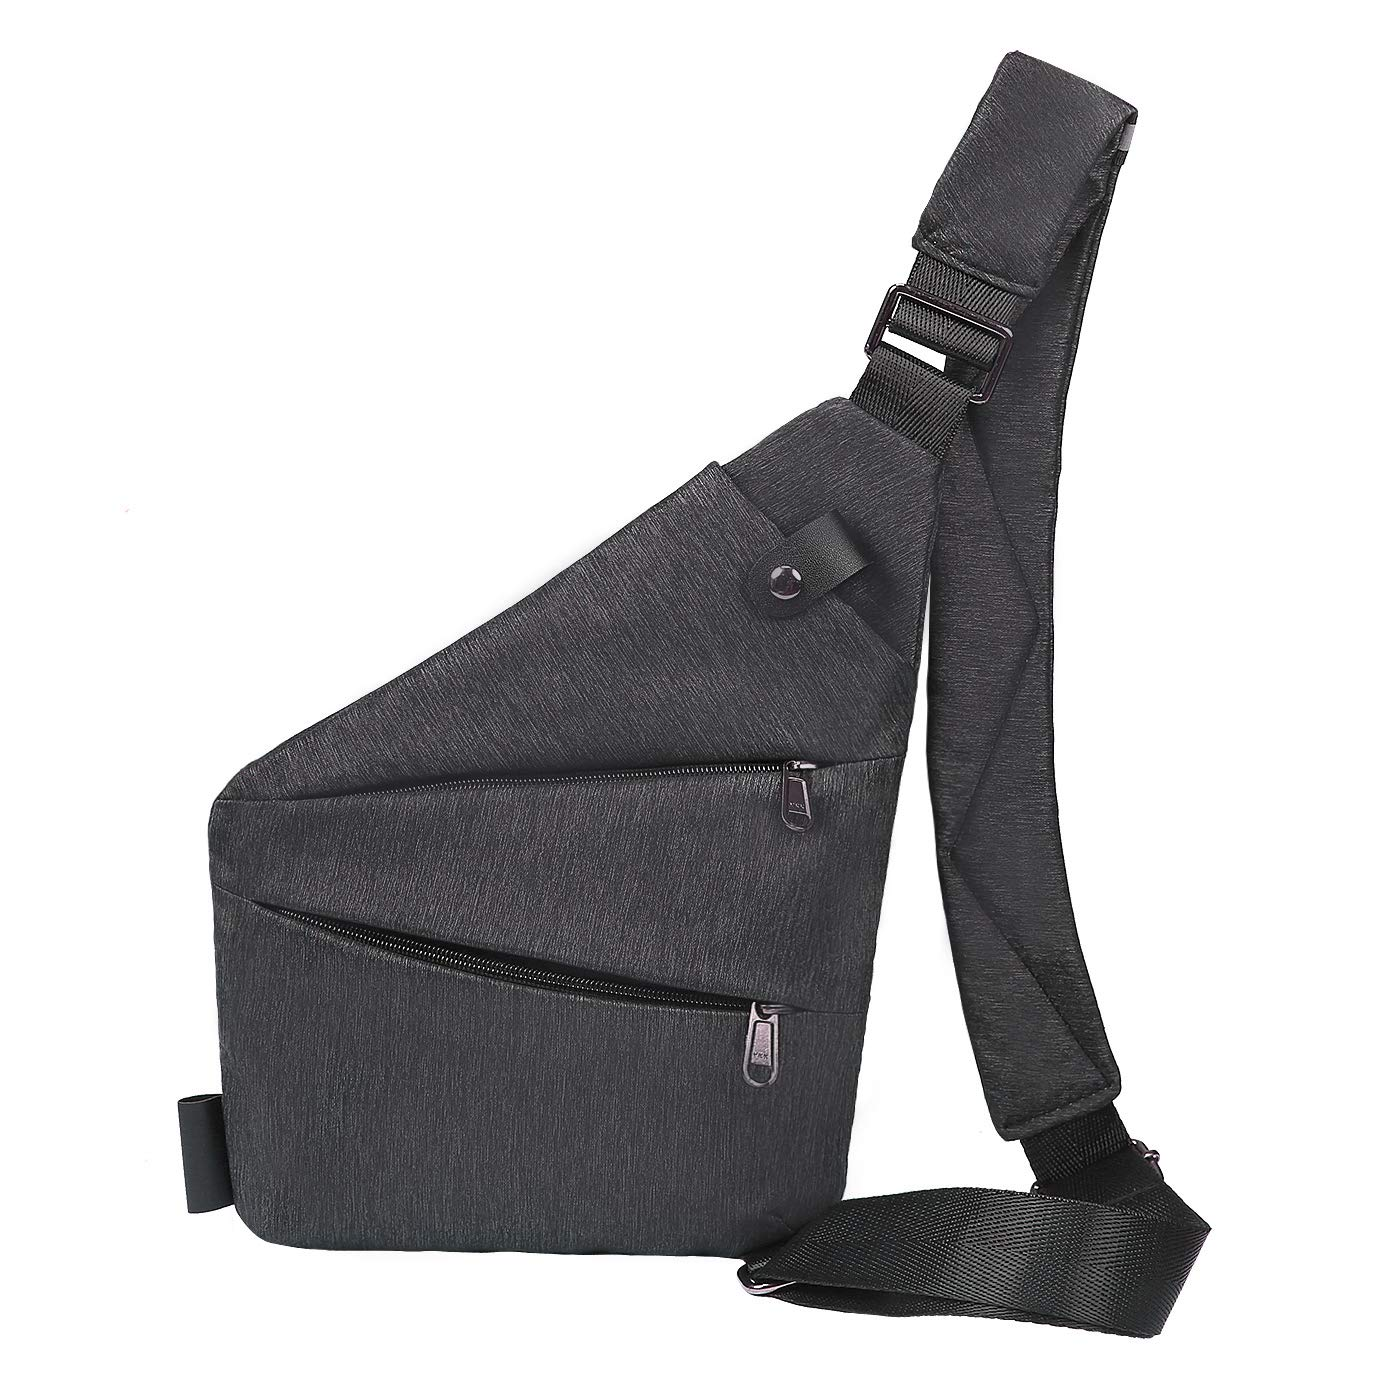 Hde Small Sling Bag